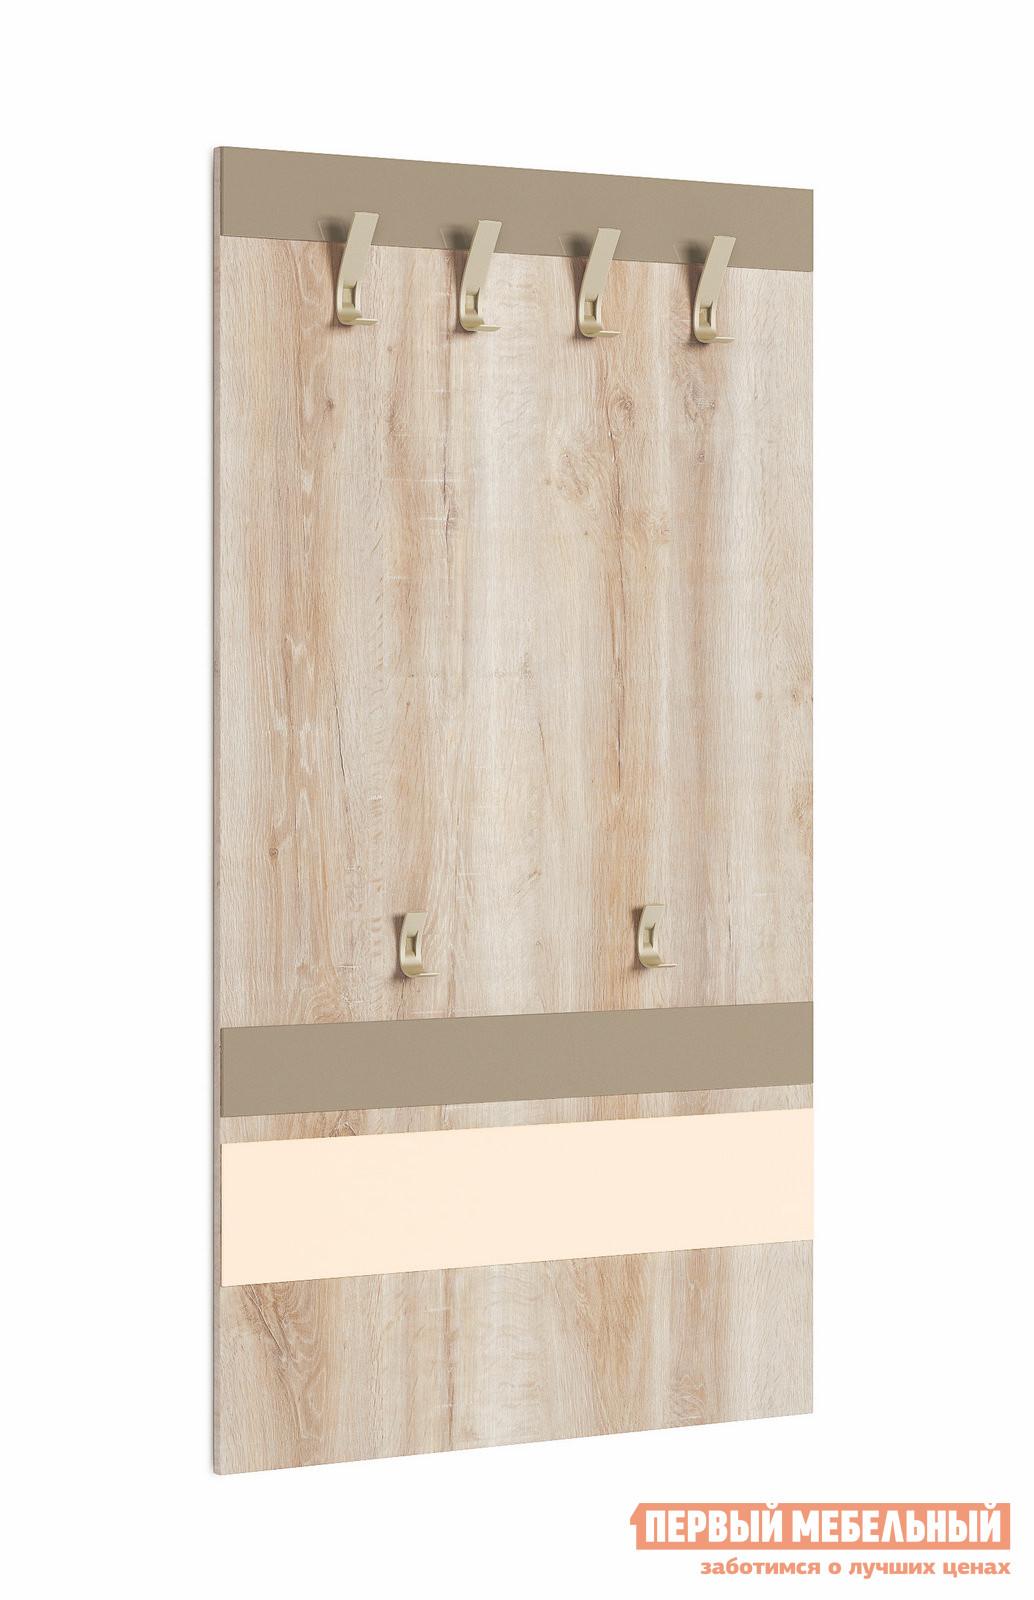 Настенная вешалка МСТ Прованс мод № 13 Сакраменто темный / Сакраменто светлый / Слоновая кость / Мокко